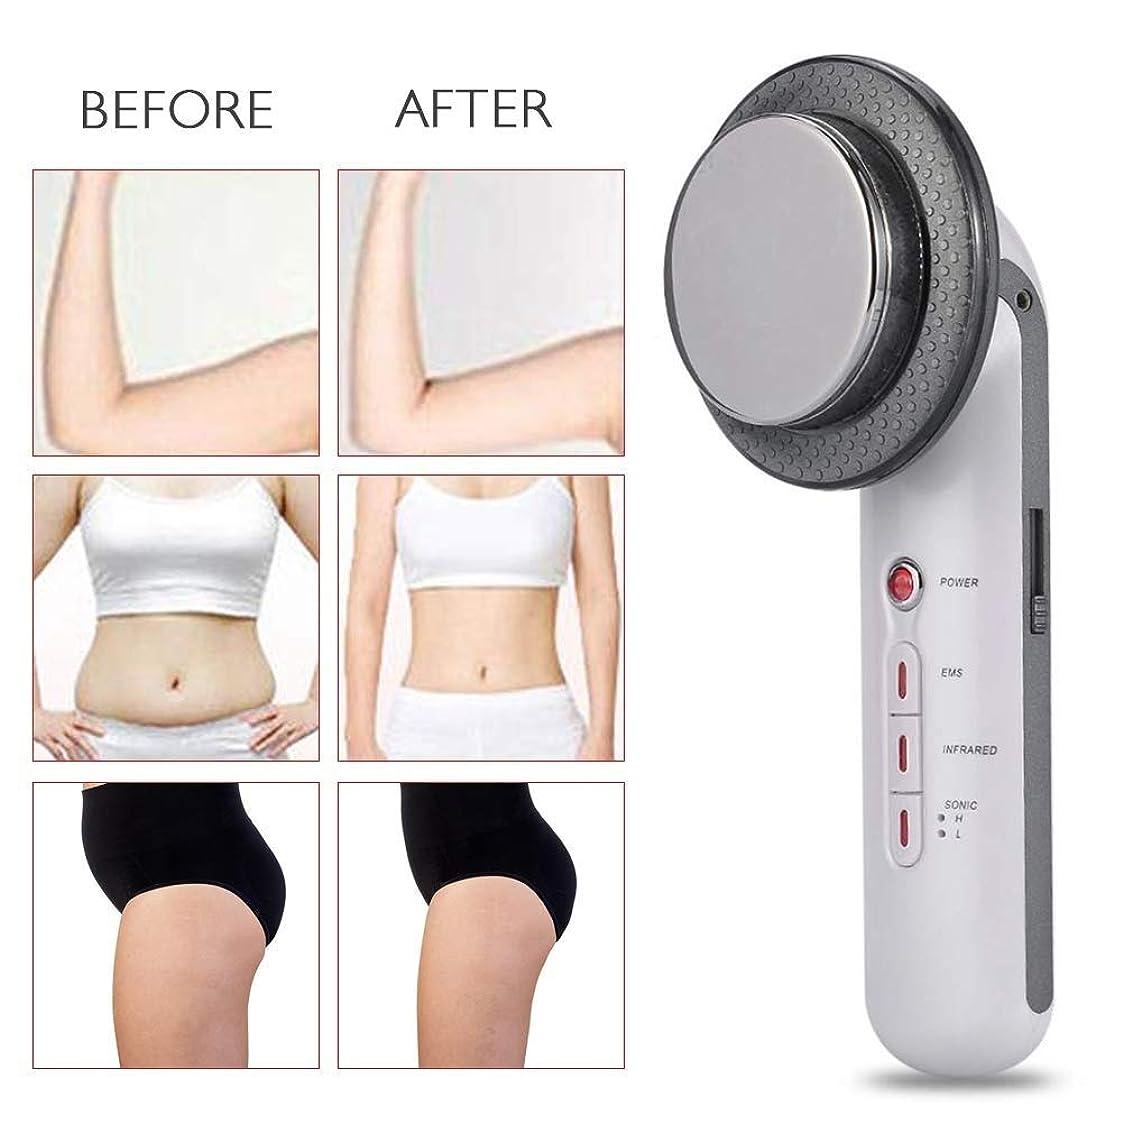 谷慎重咳1つの脂肪質の取り外し機械に付き3つ、マッサージャーを細くする減量ボディ、セルライトの減少装置、皮のきつく締まること、減少の減量超音波減量、EMSの赤外線ライト振動